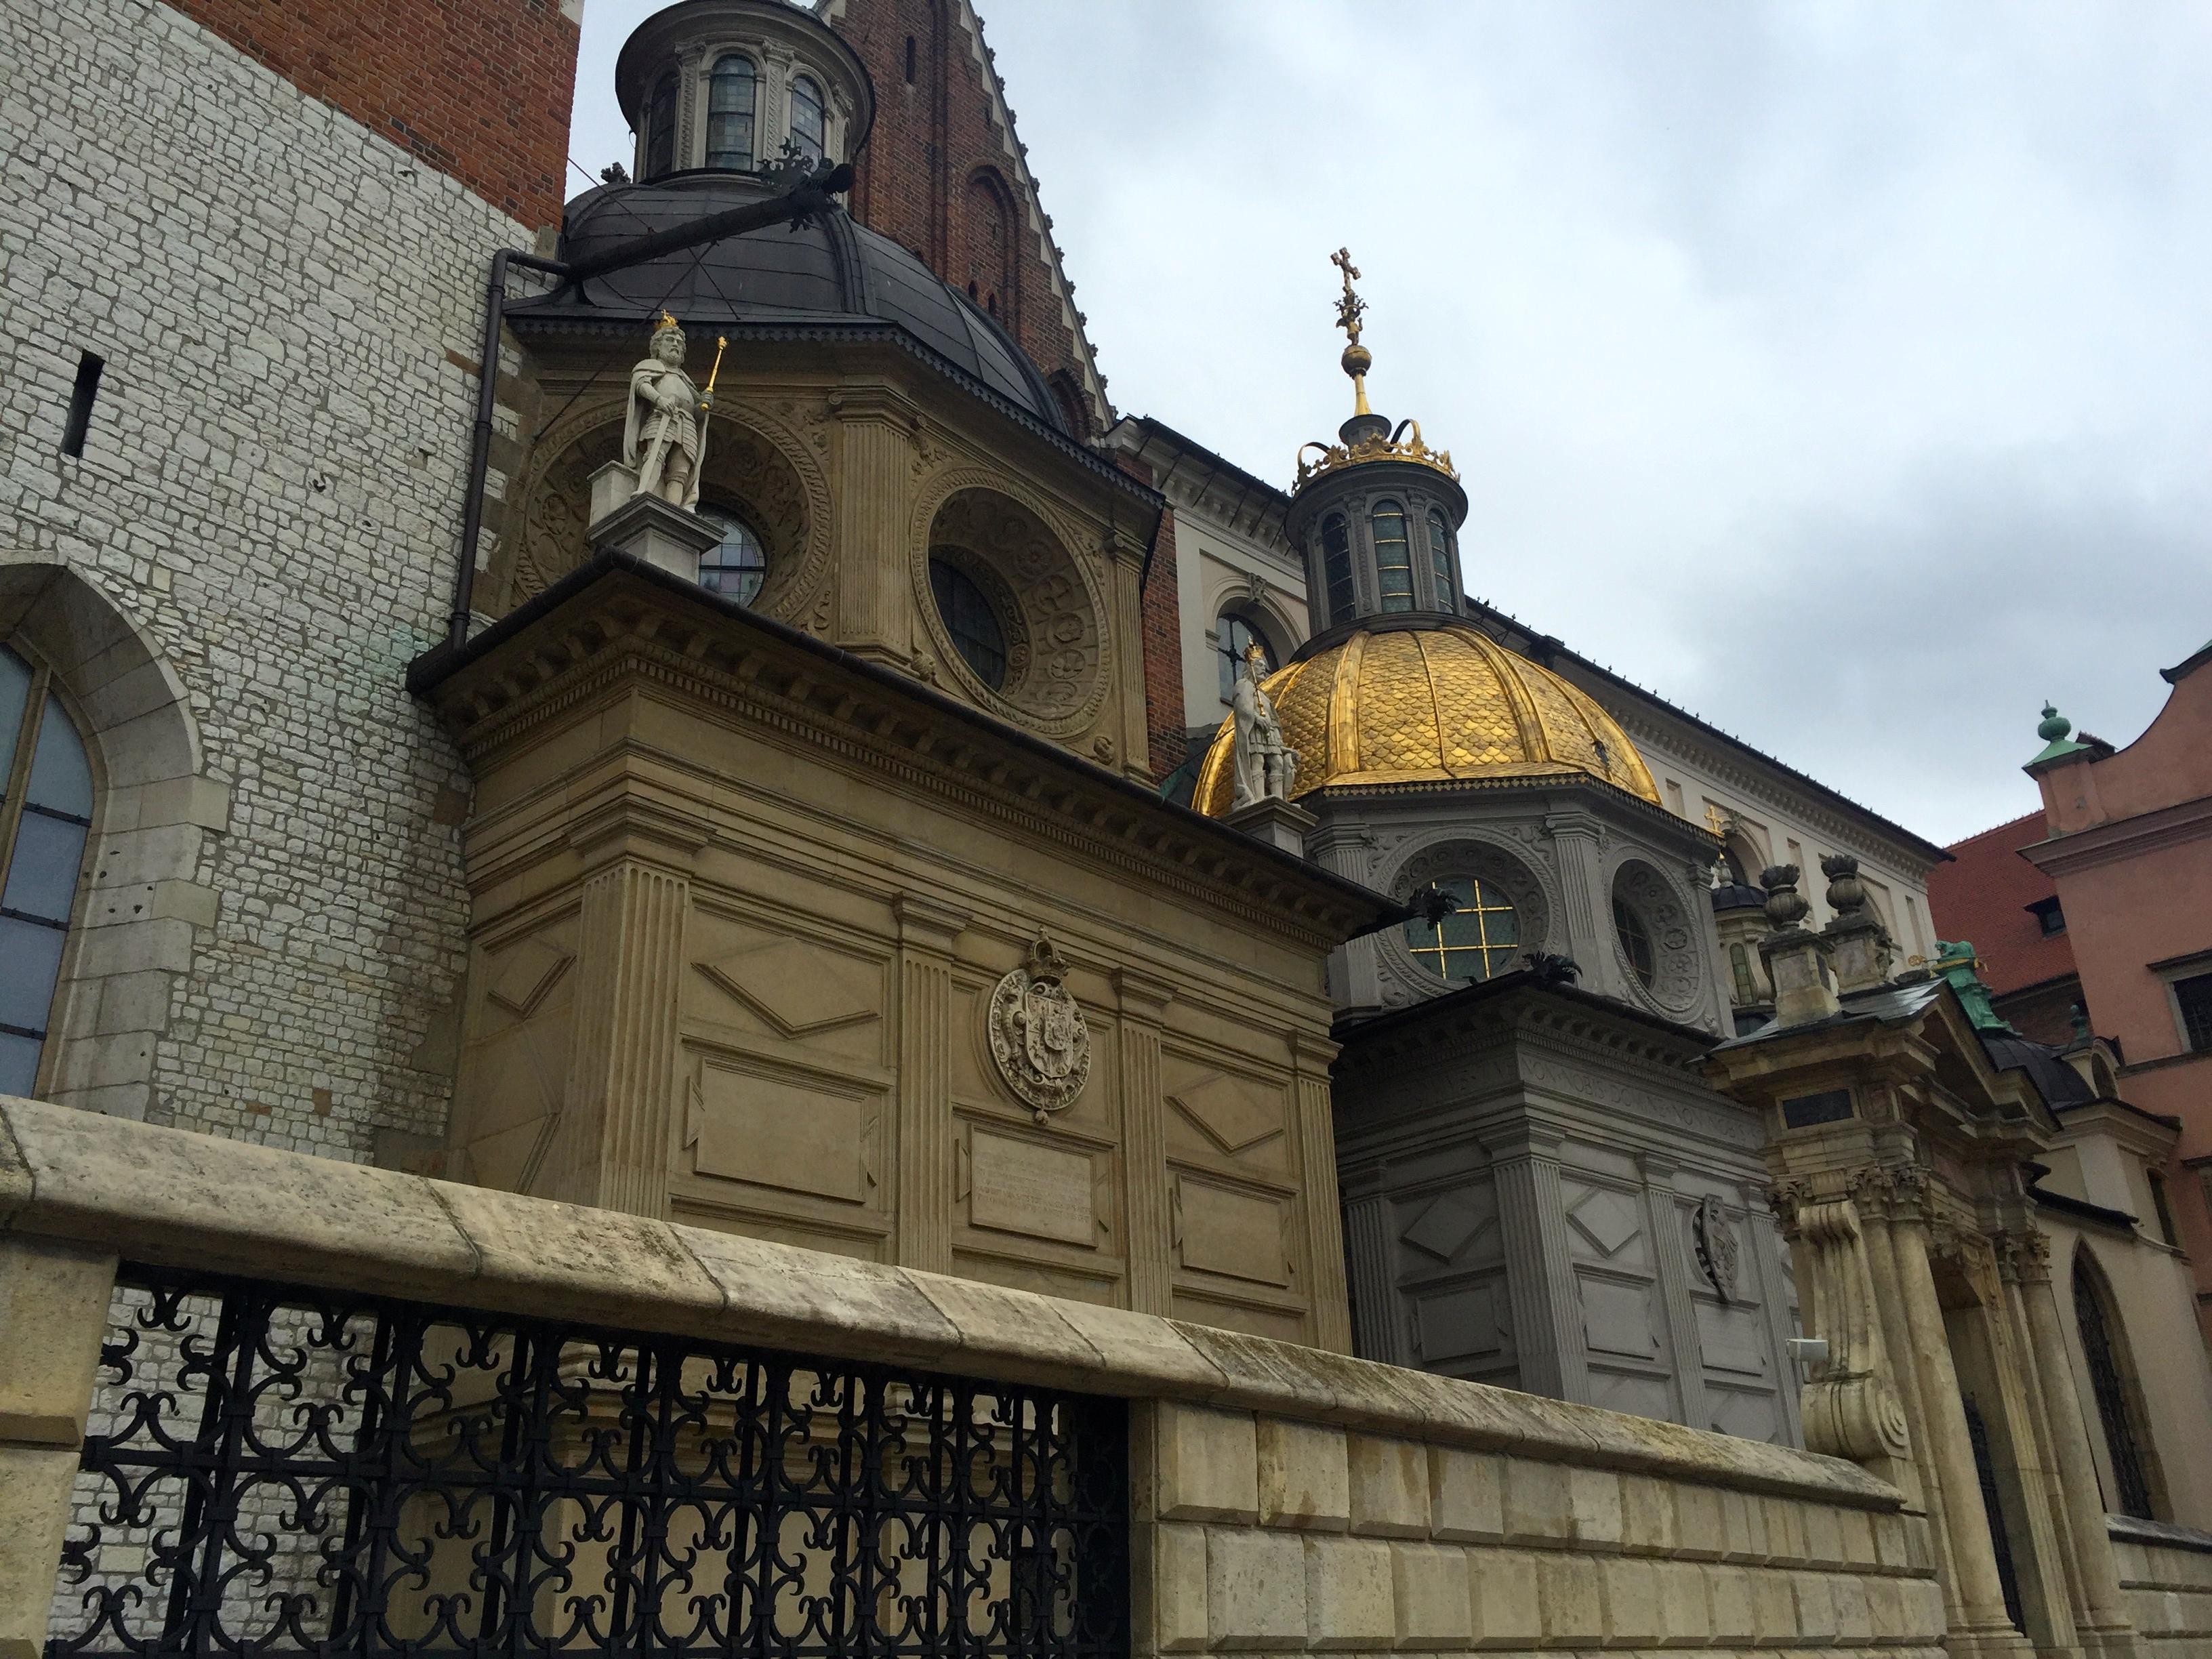 krakow-attractions-wawel-hill